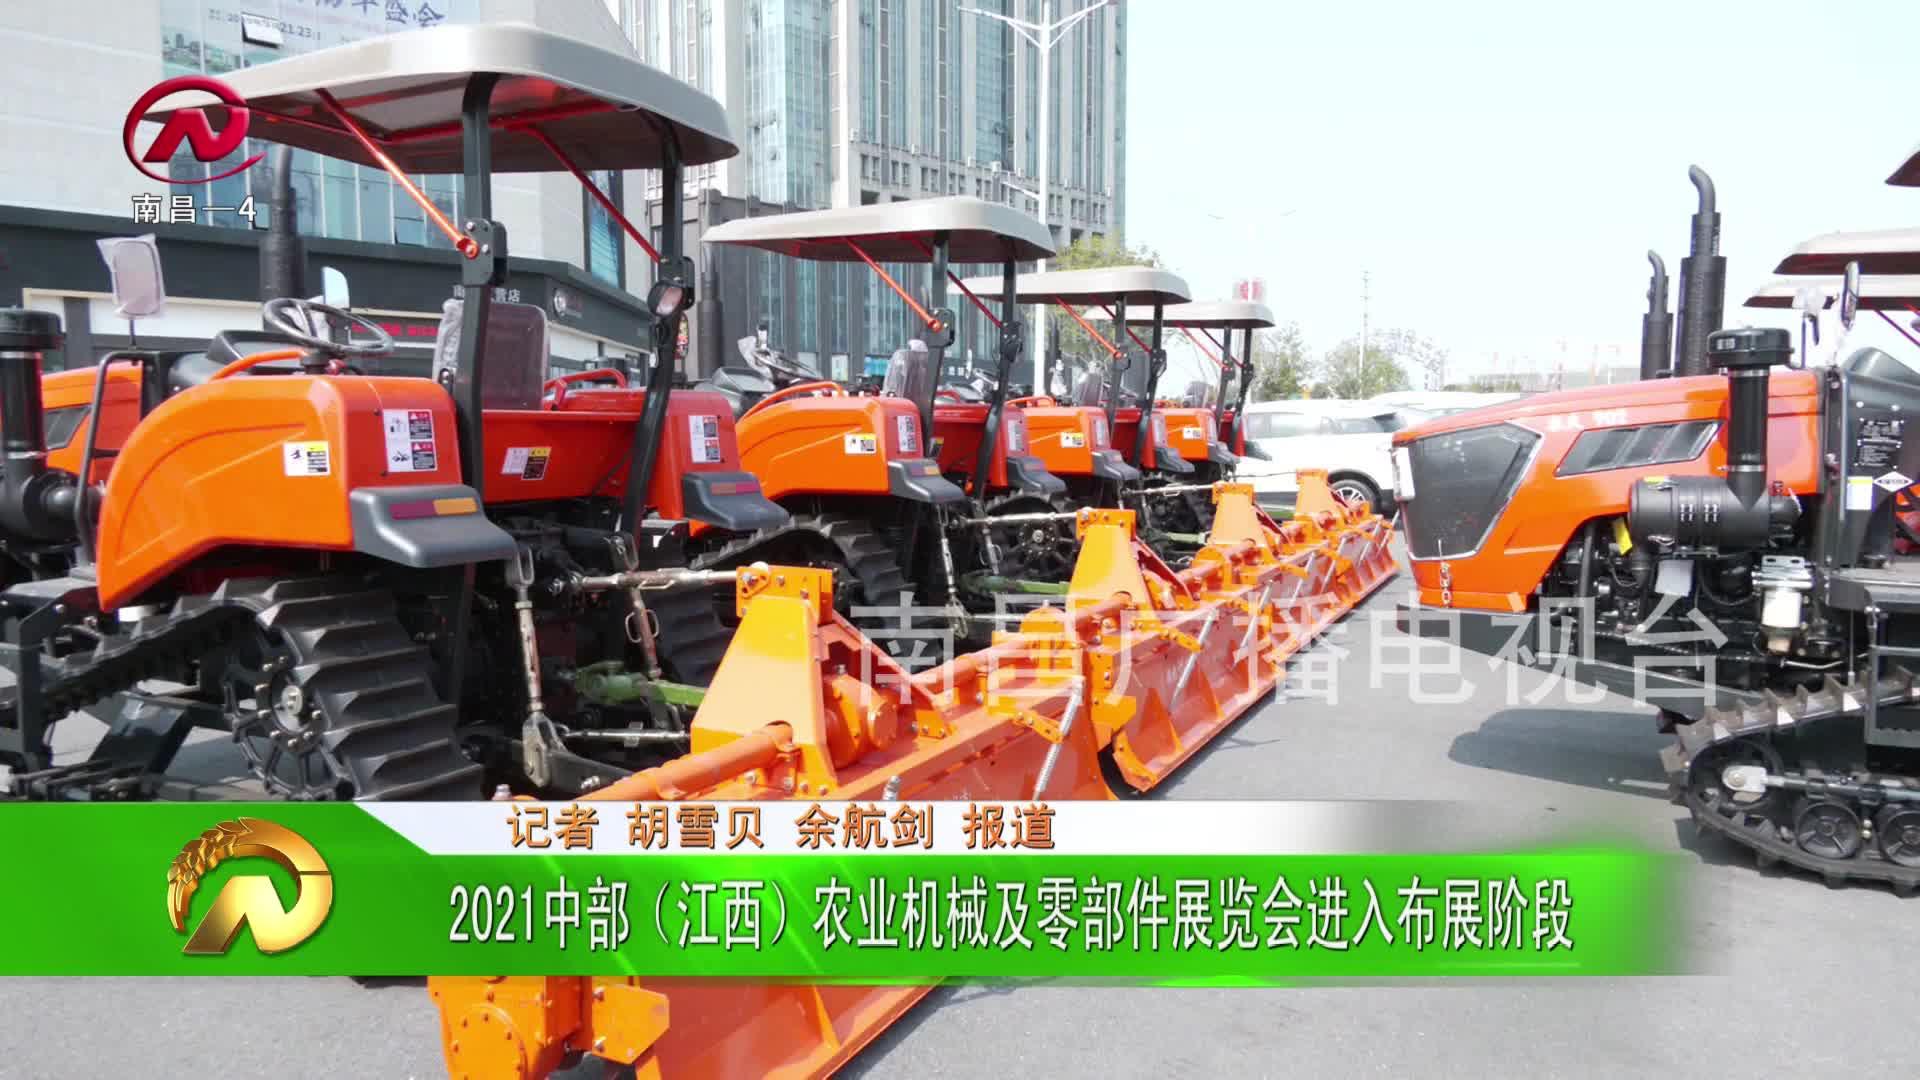 【豫章農視】2021中部(江西)農業機械及零部件展覽會進入布展階段